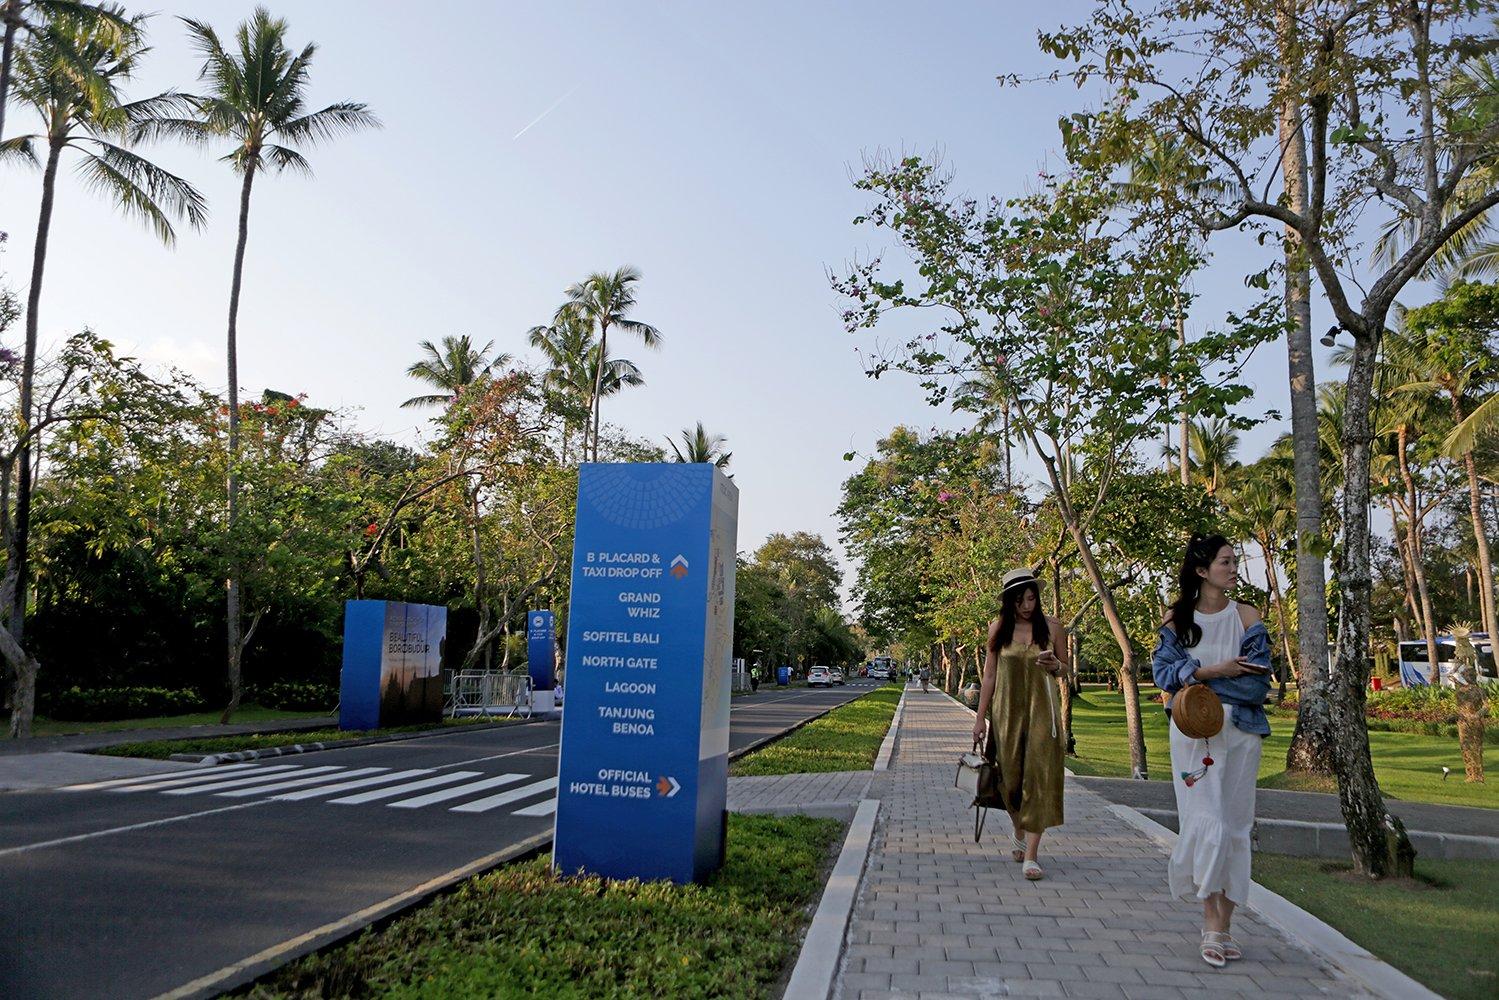 Nusa Dua yang merupakan kawasan penyelenggaraan Annual Meeting IMF-WB adalah pusat Indonesia Tourism Development Corporation (ITDC) atau PT Pengembangan Pariwisata Indonesia (Persero).